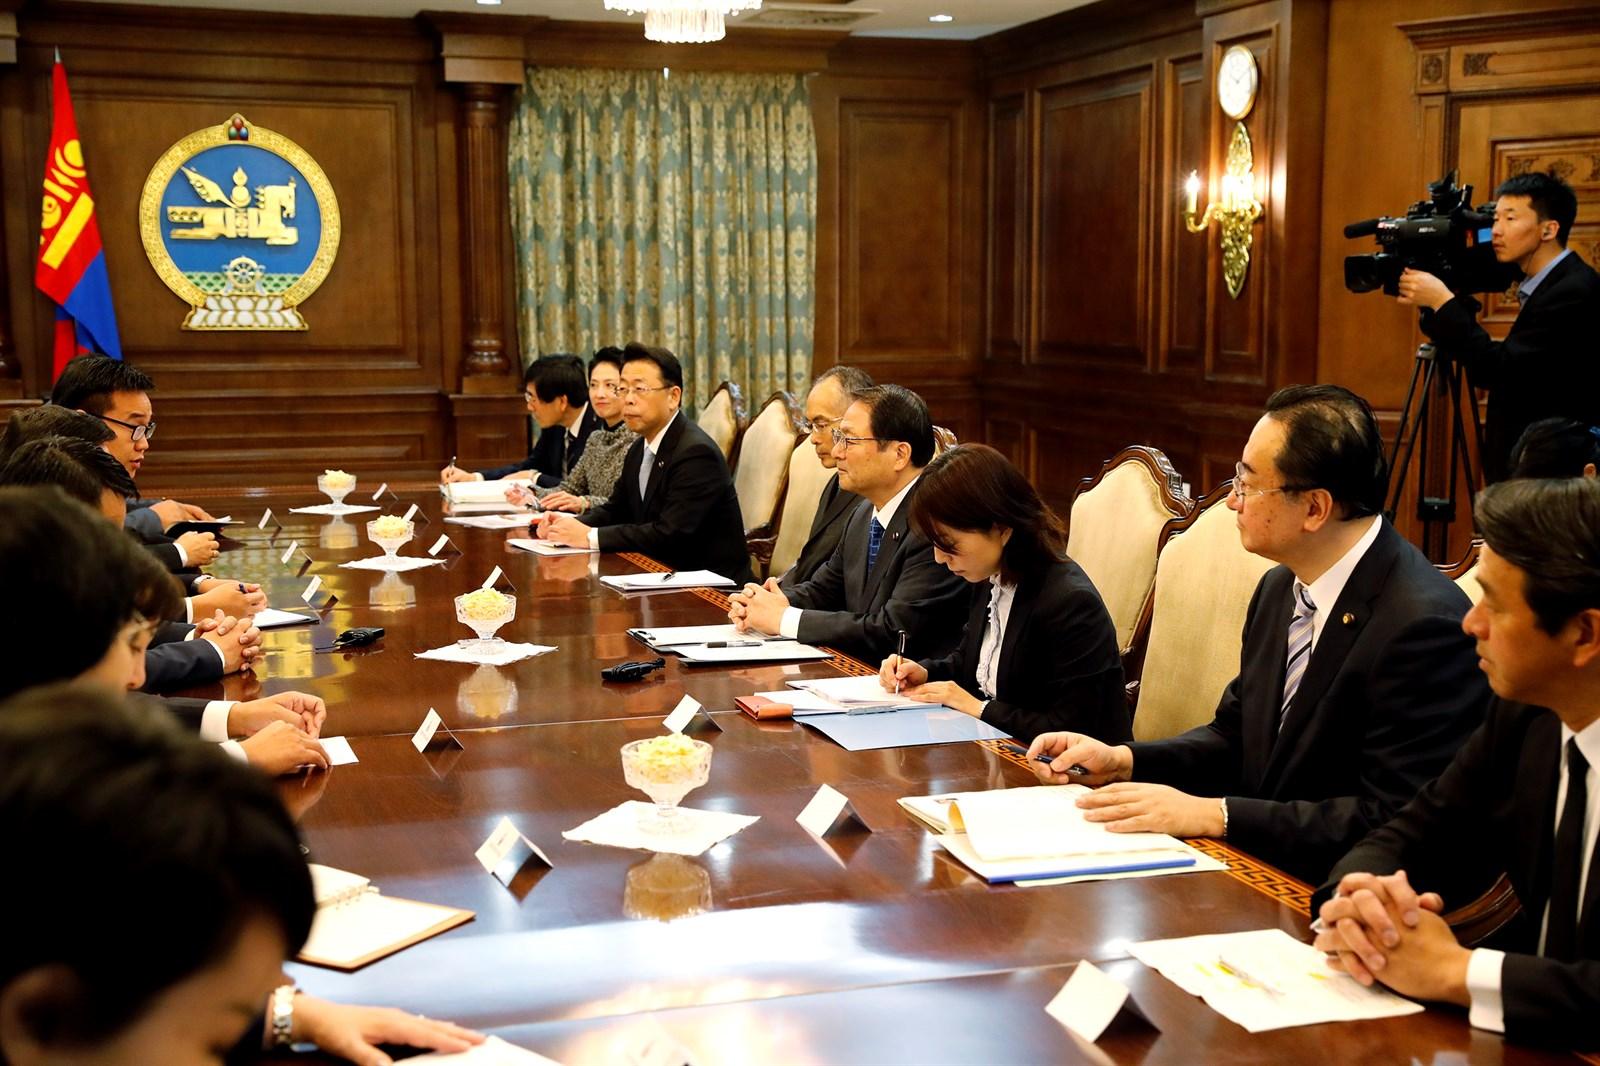 Японы Зөвлөхүүдийн танхимын дэд дарга Акира Гүнжиг хүлээн авч уулзлаа